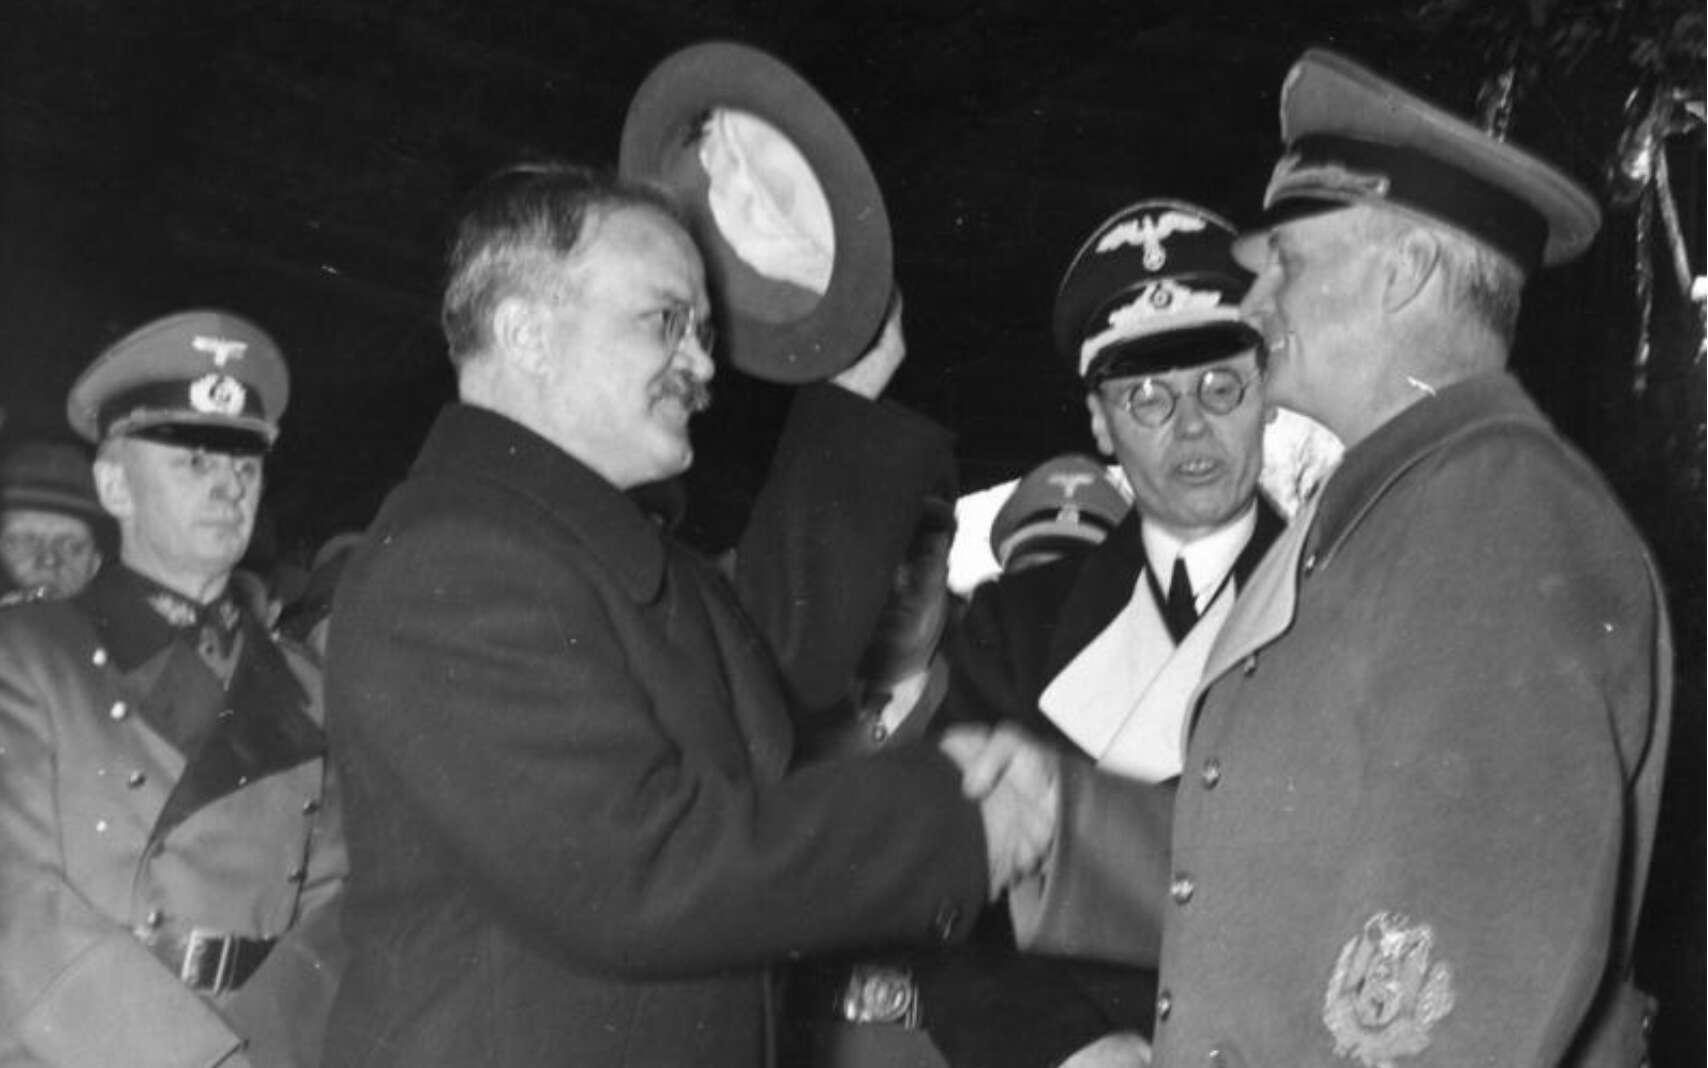 Le pacte germano-soviétique a été signé le 23 août 1939. © Bundesarchiv, Bild 183-1984-1206-523, CC-by-sa 3.0 DE